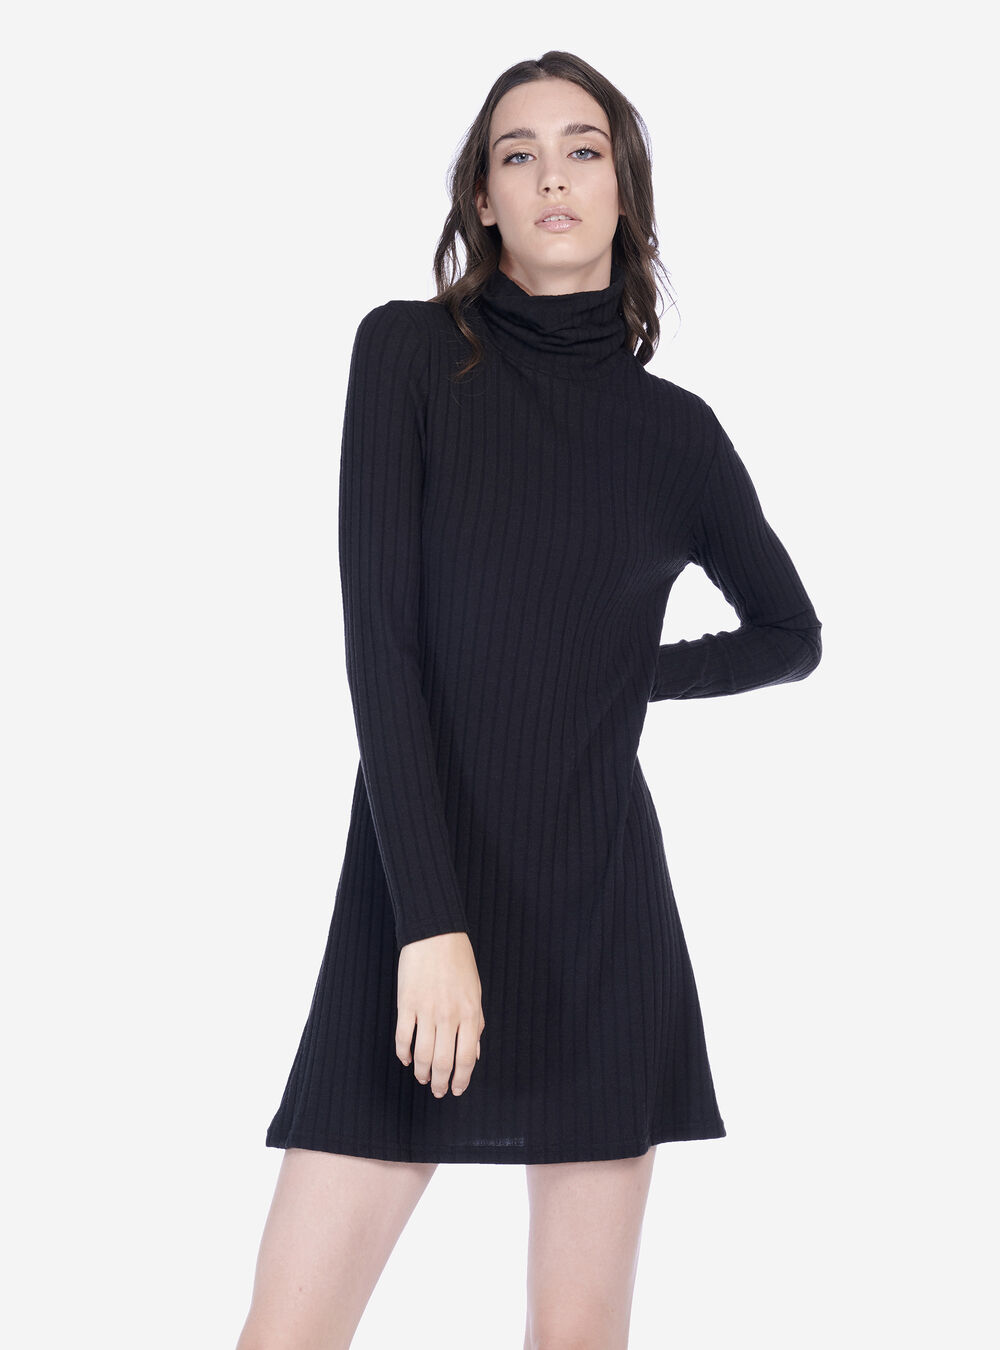 new products 8abaa 865f1 Vestiti da Donna | Acquista online su Alcott